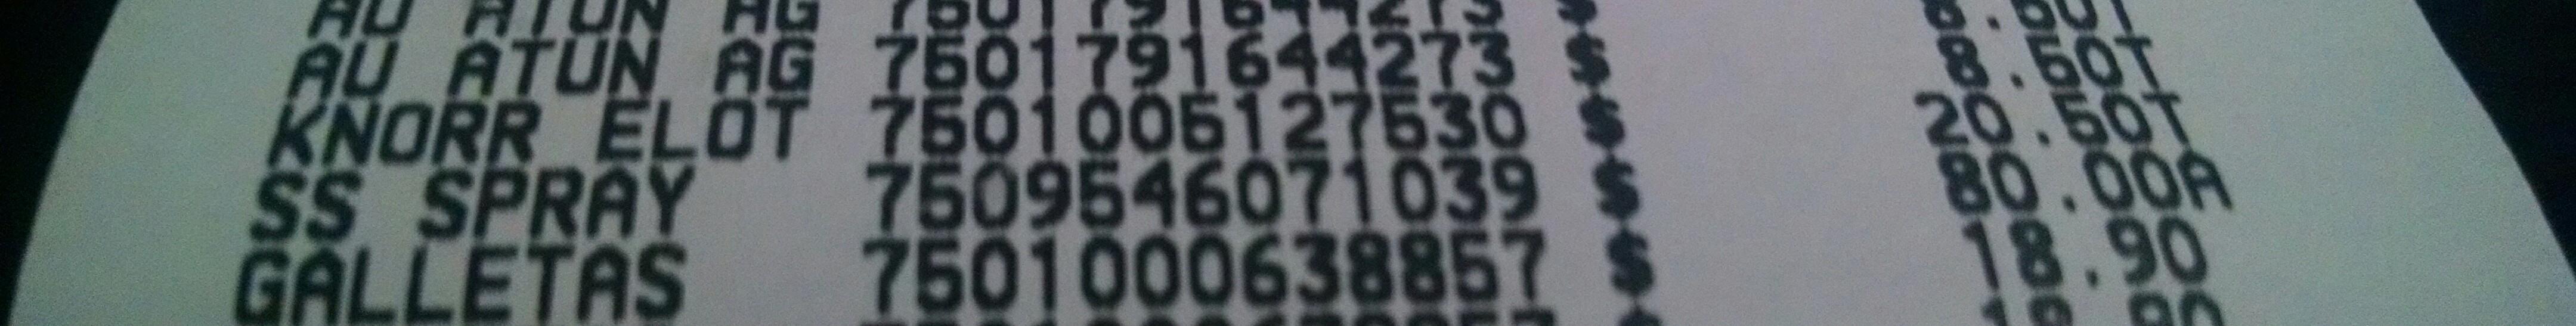 122476.jpg